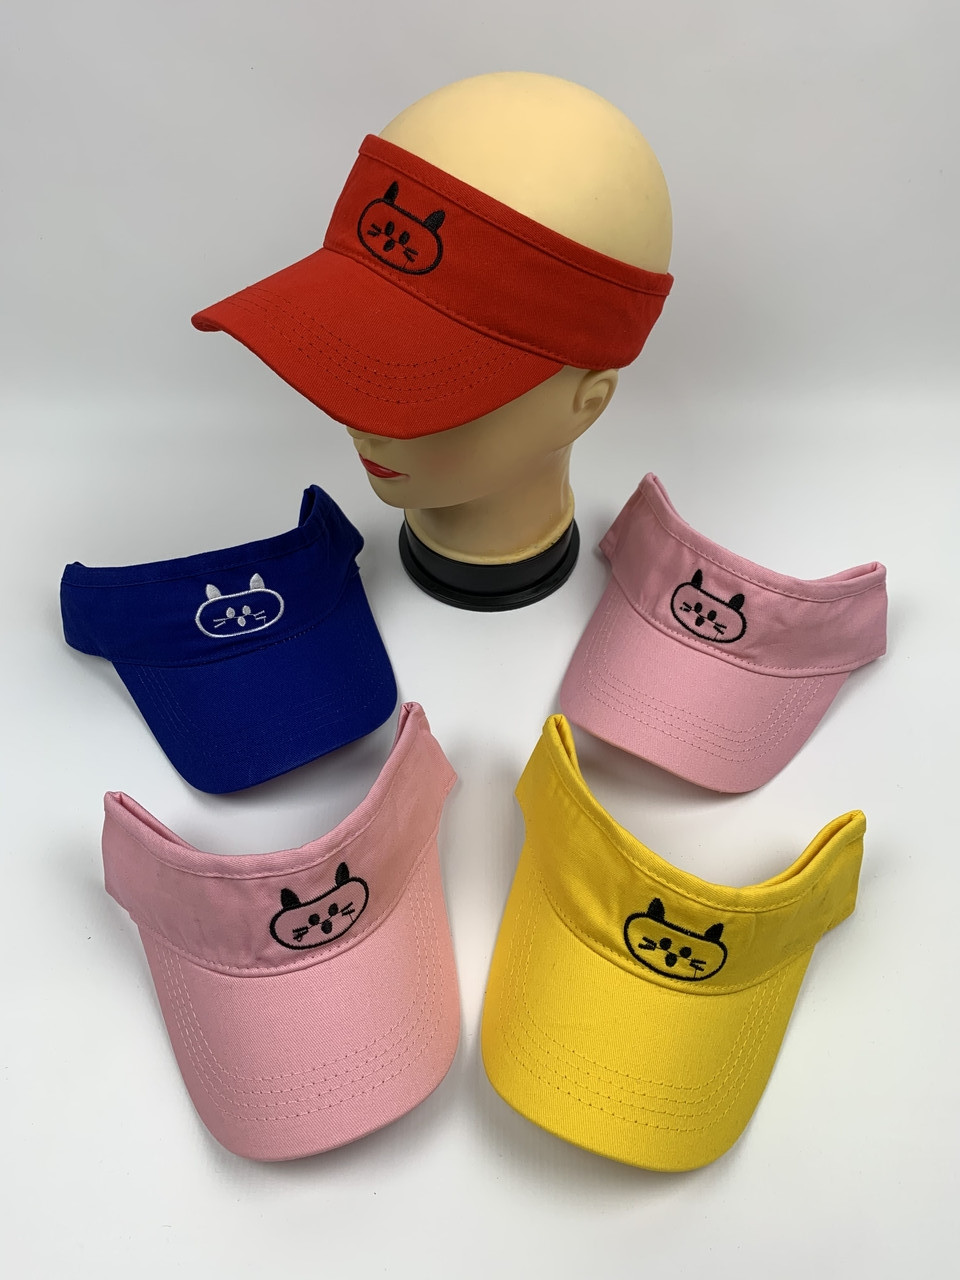 Солнцезащитные козырьки кепки оптом, размер 52-54 (ktm2090)